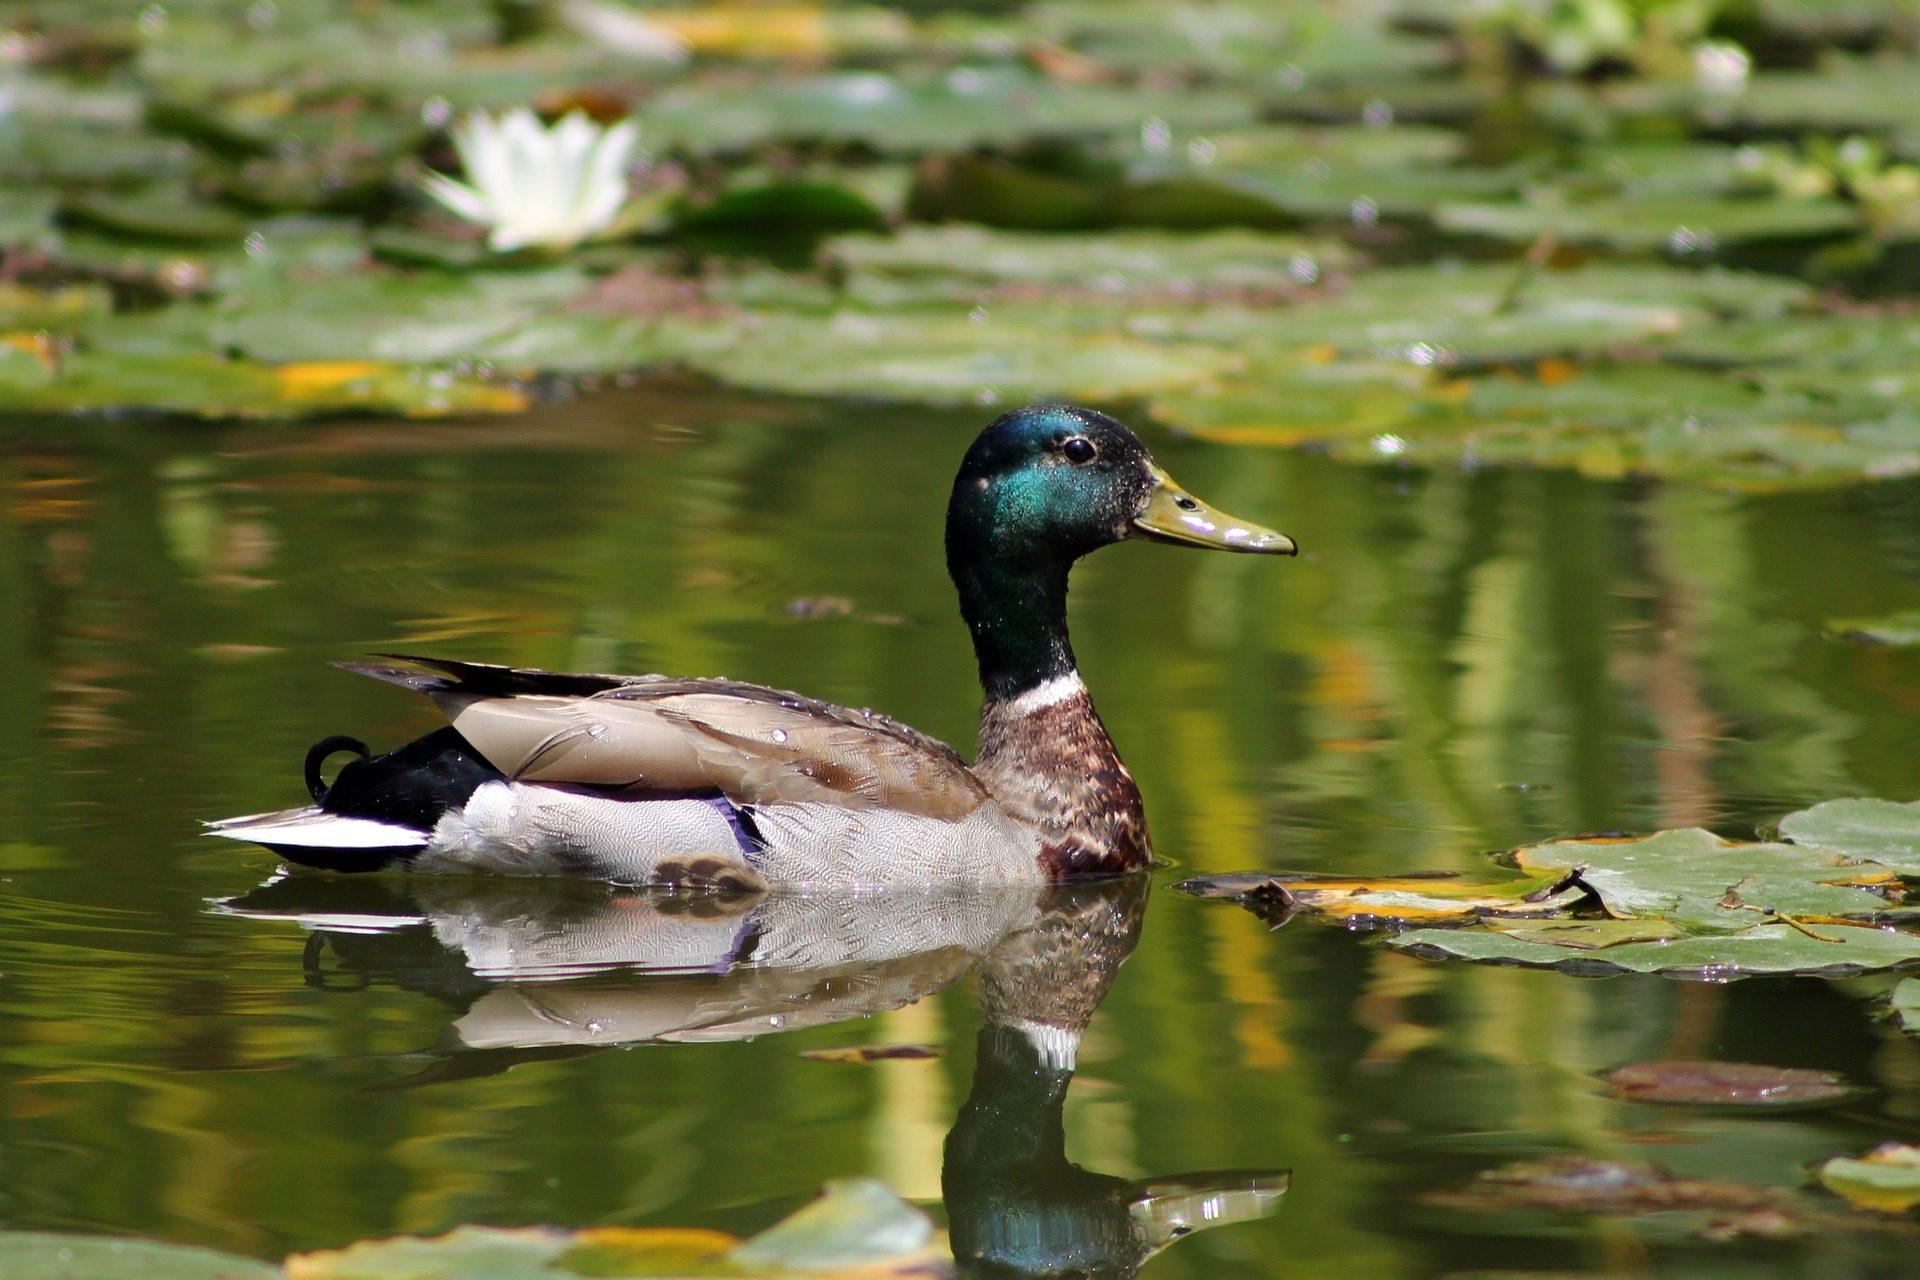 鸭, 大道, 池塘, 湖, 叶子, 水, 水百合 - 高清壁纸 - 教授-falken.com